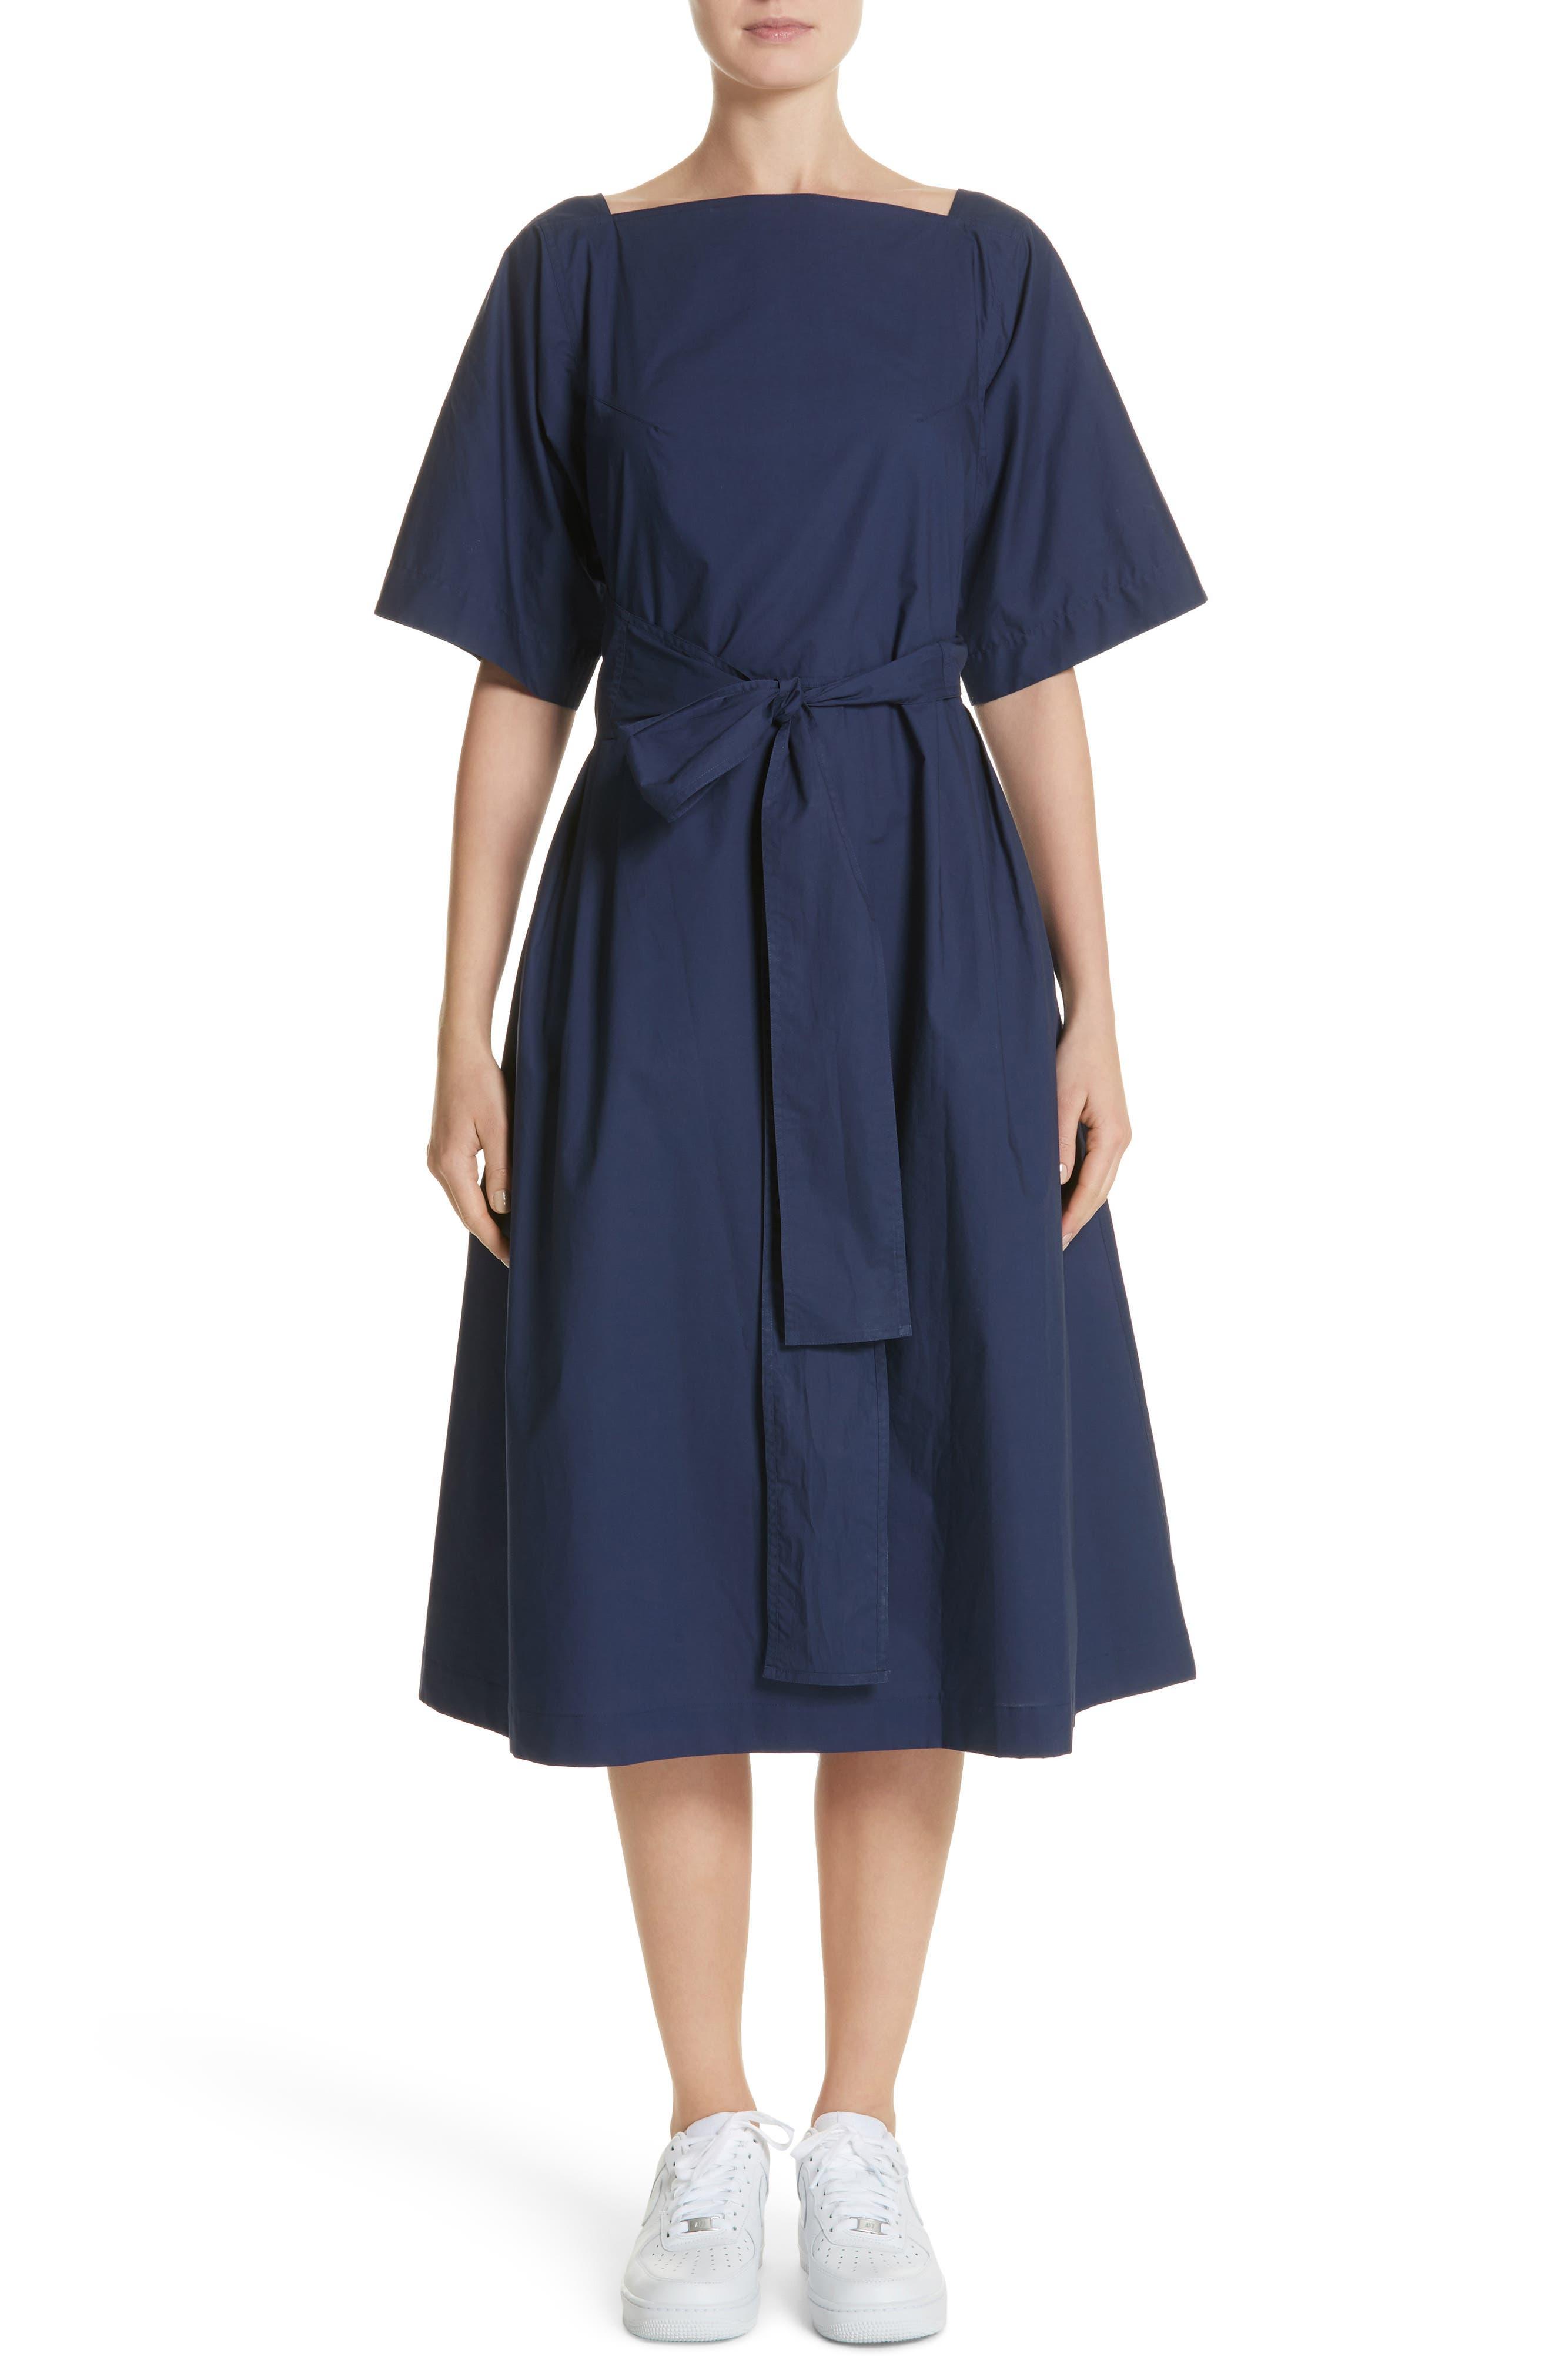 Alternate Image 1 Selected - Sofie D'Hoore Tie Waist Dress